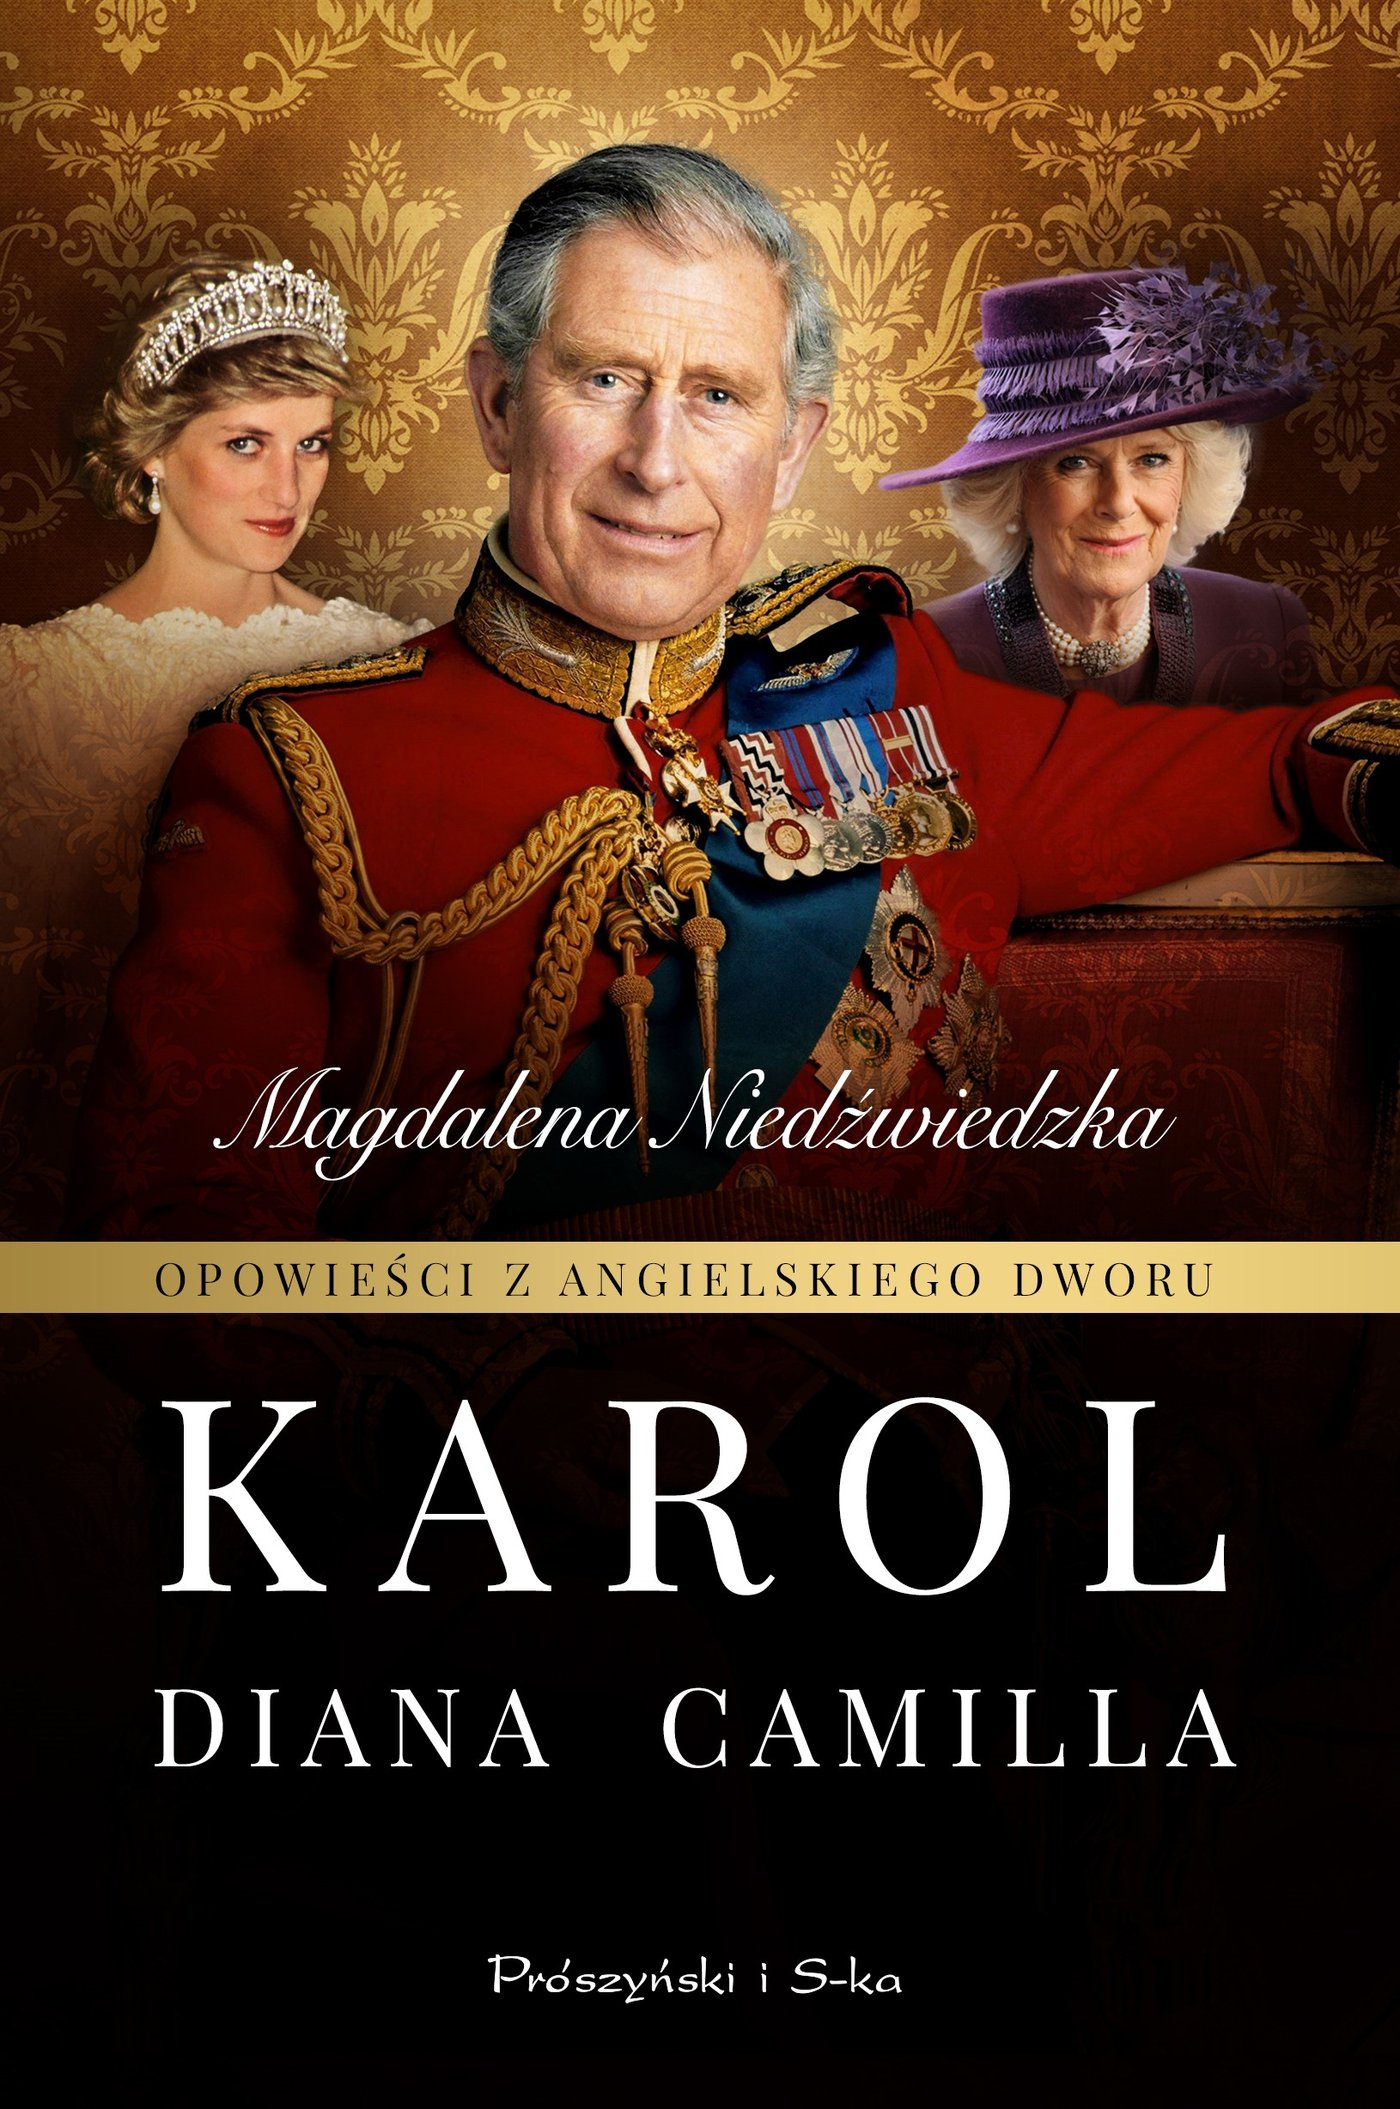 Opowieści z angielskiego dworu. Karol - Ebook (Książka EPUB) do pobrania w formacie EPUB